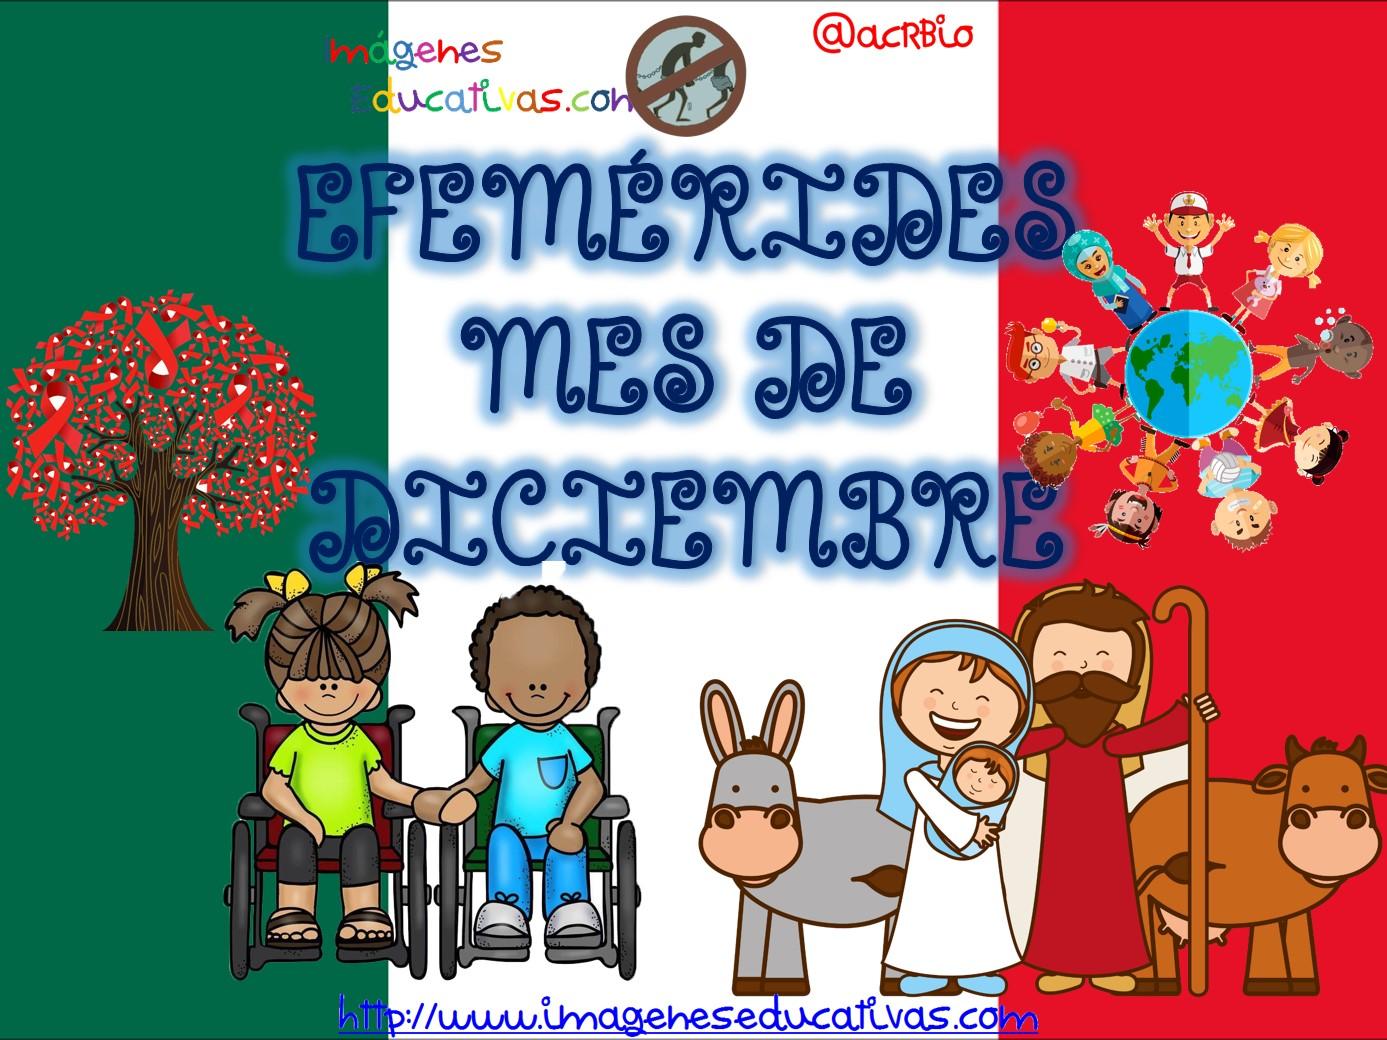 Plastilina Y Lápiz 20 De Noviembre Día De Los Derechos: Efemérides Mes De Diciembre Fondo Mexico (1)